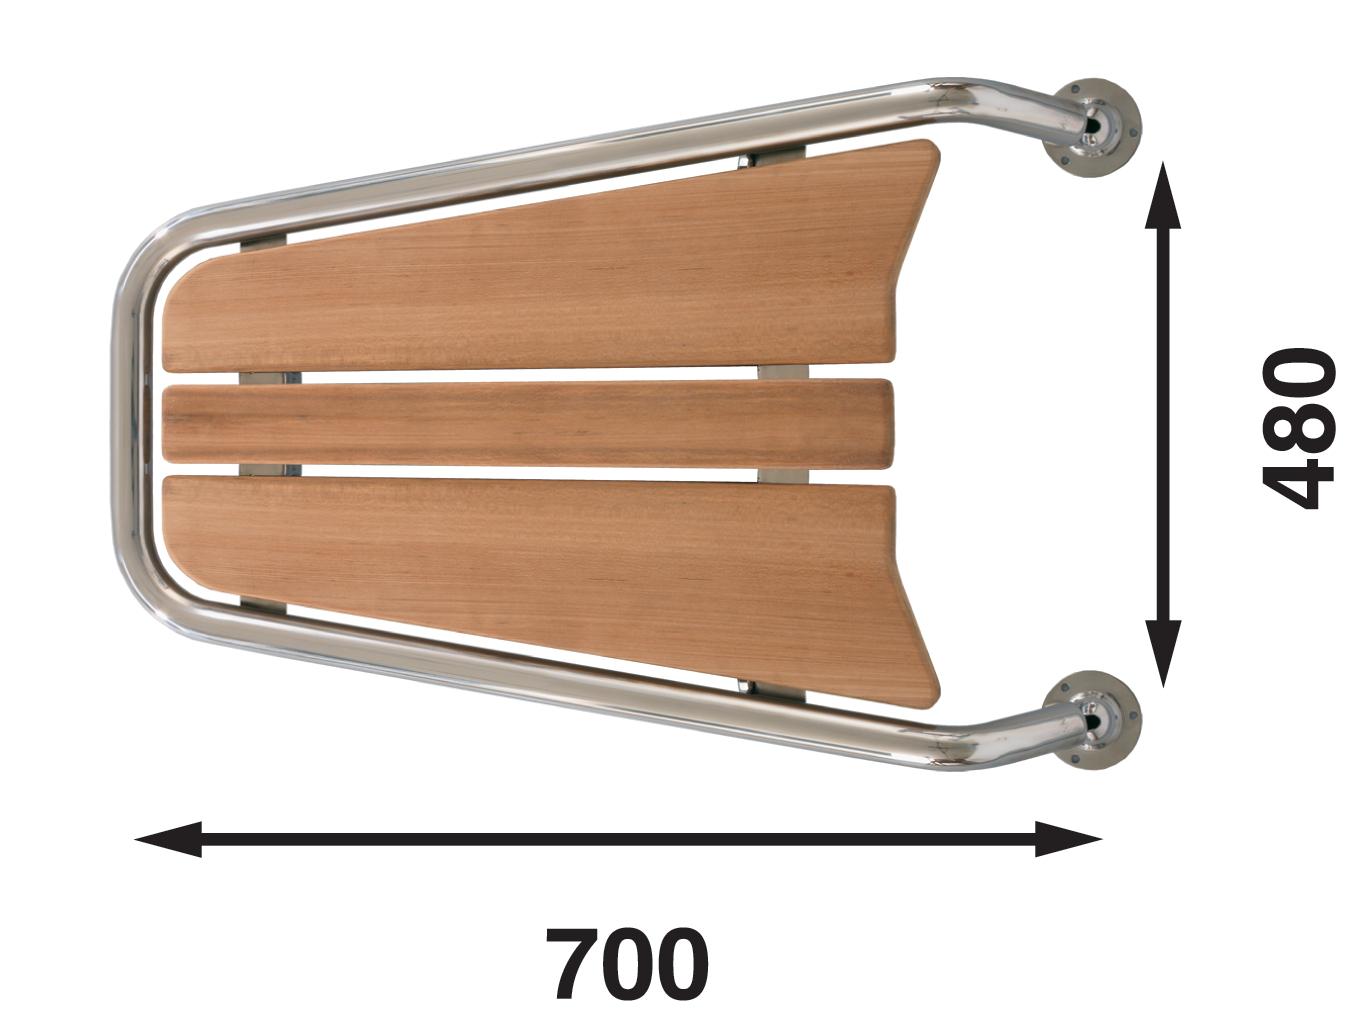 Peke för motorbåt, mp 75, 700 mm